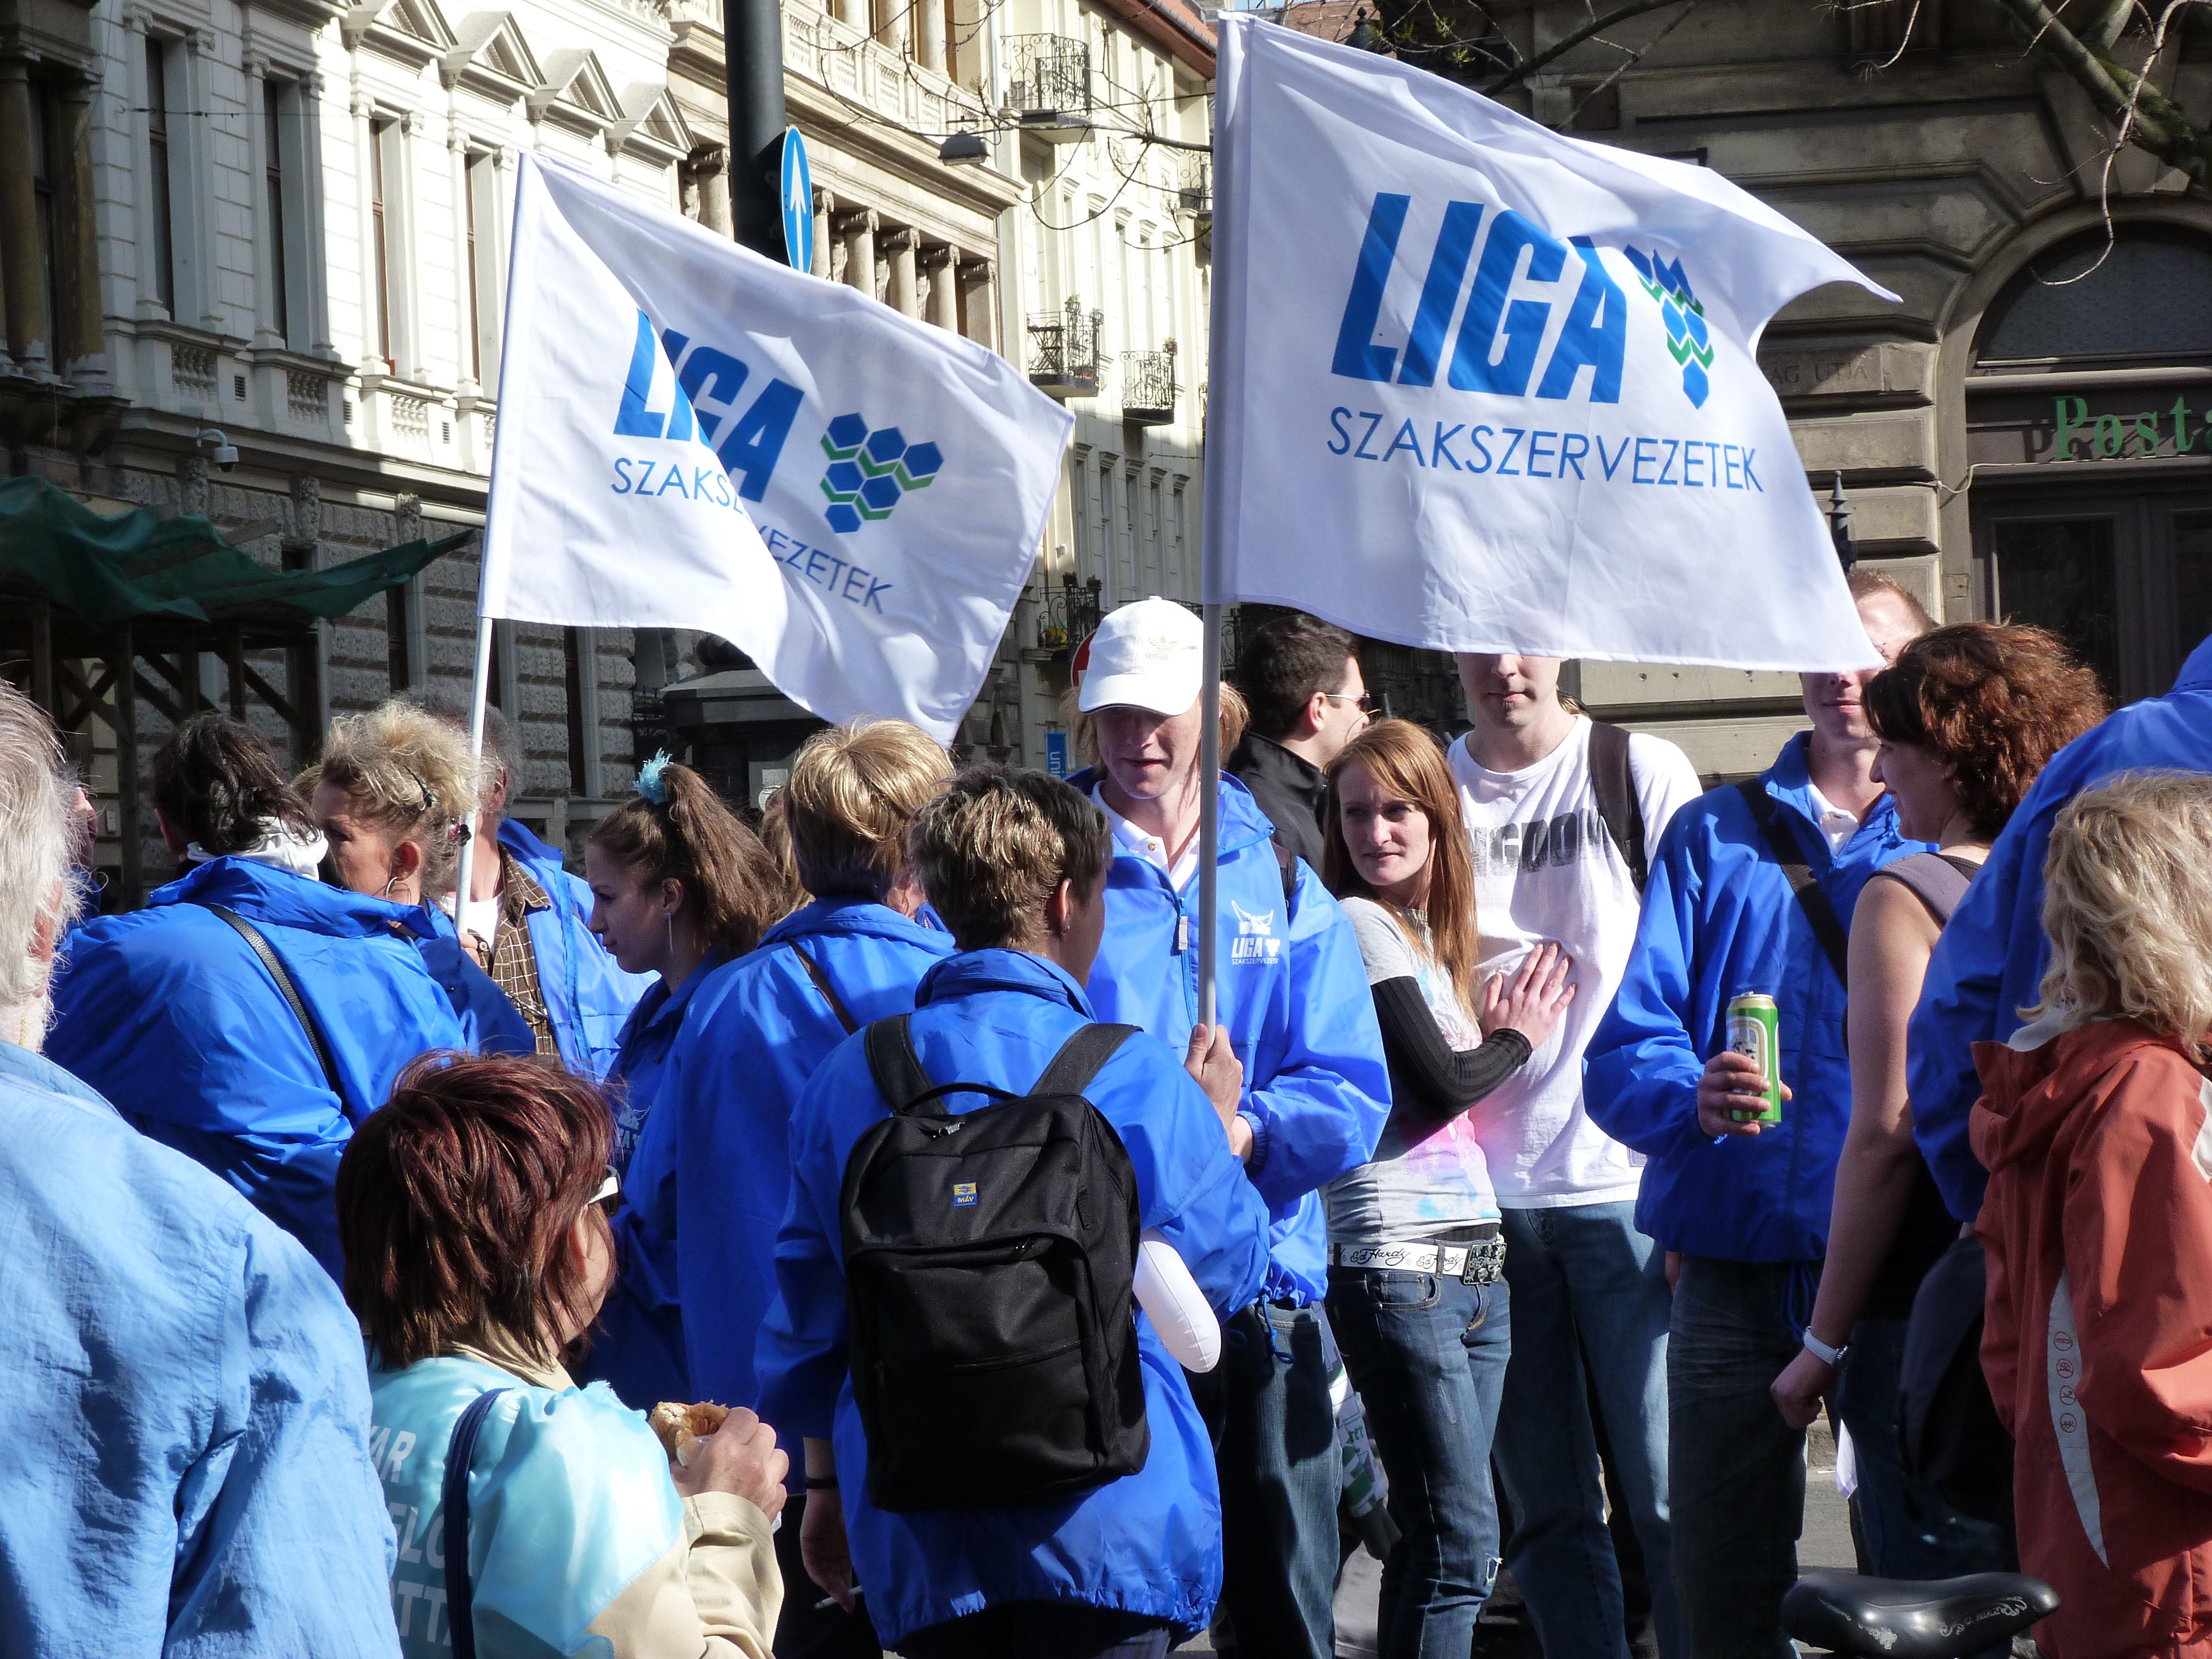 Két szakszervezeti szövetség elfogadja, egy kevesli a kormány minimálbér ajánlatát